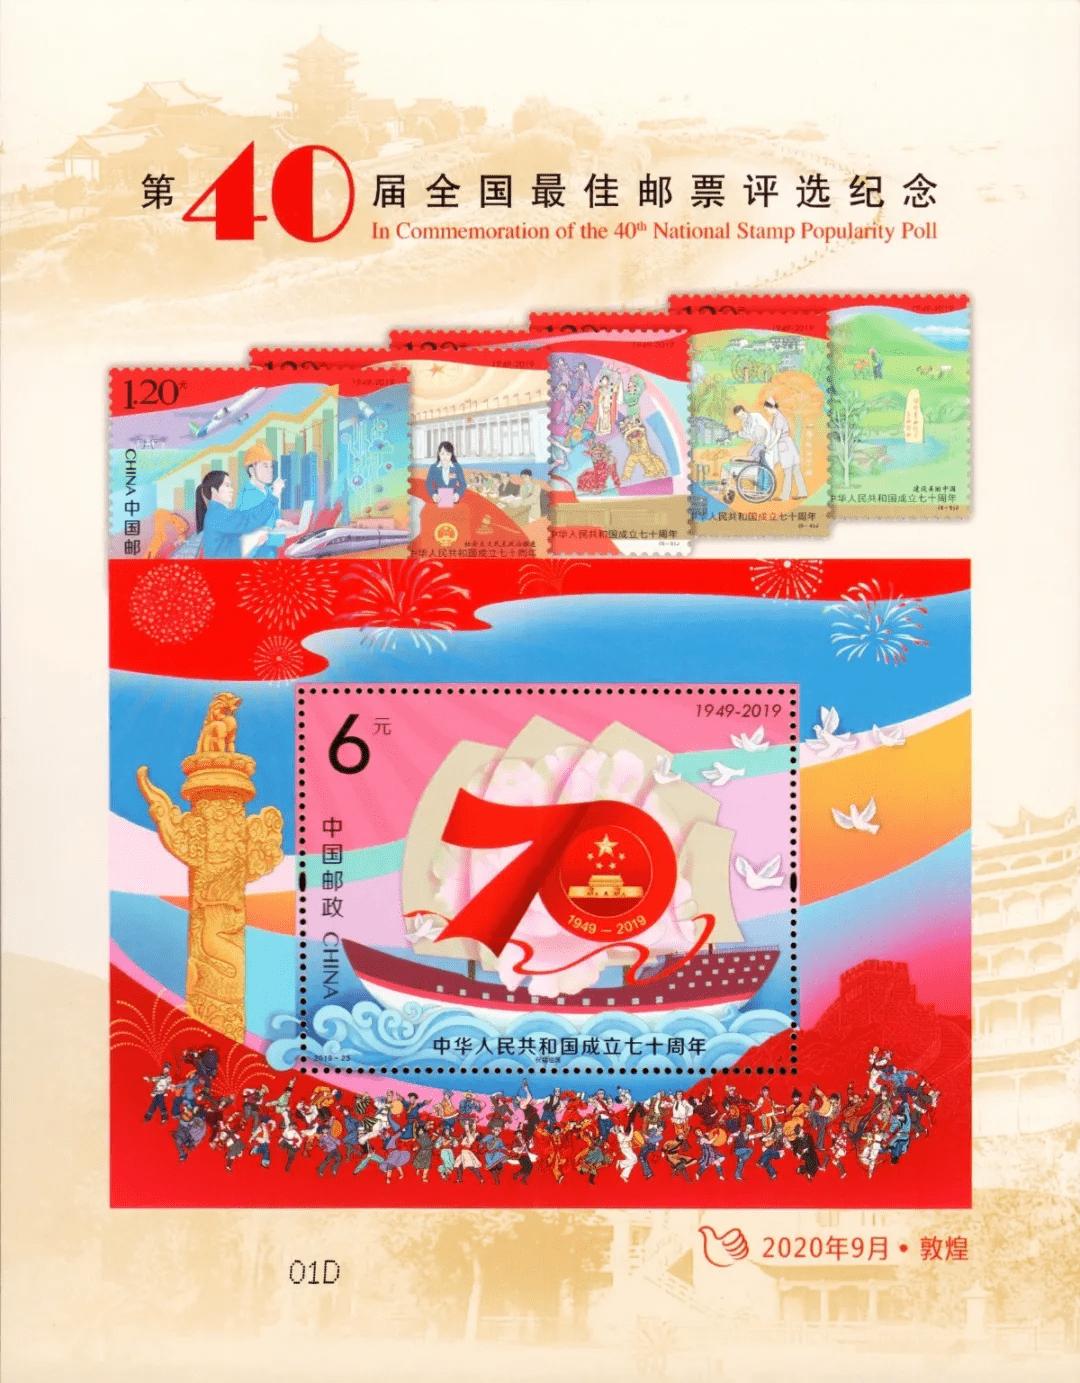 中国首枚芯片邮票问世 内置超薄芯片可用手机读取信息_图1-3